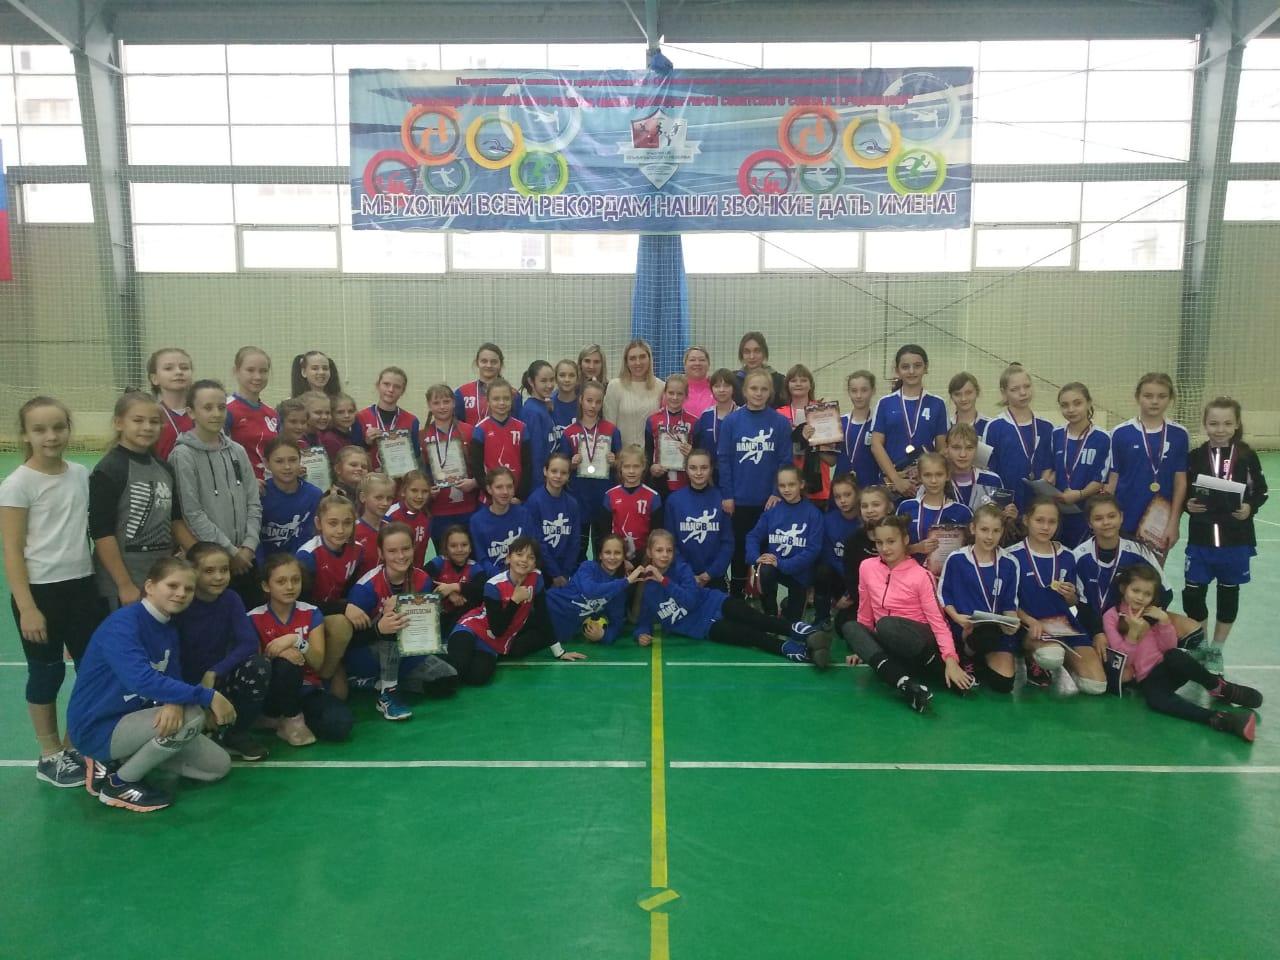 Открытое первенство ГБУВО «СШОР по гандболу» «Встреча Нового года» среди команд  девушек  2007 г.р. и моложе!